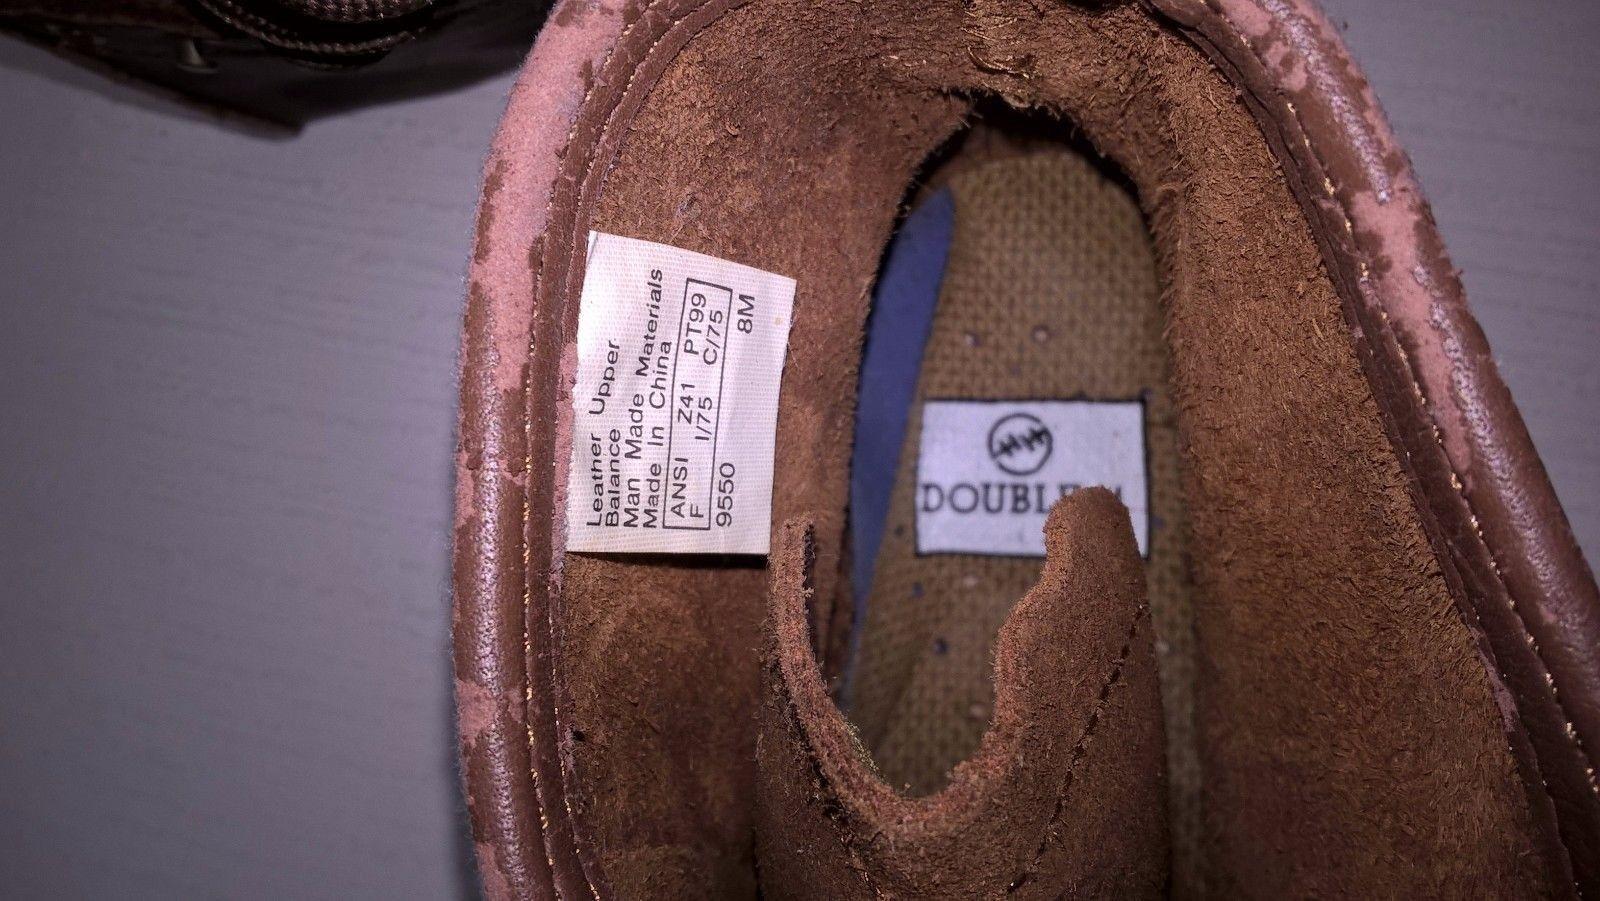 Double HH Puntera De Acero botas Acordonadas Acordonadas botas Mujeres Marrón, 8M ecf55d